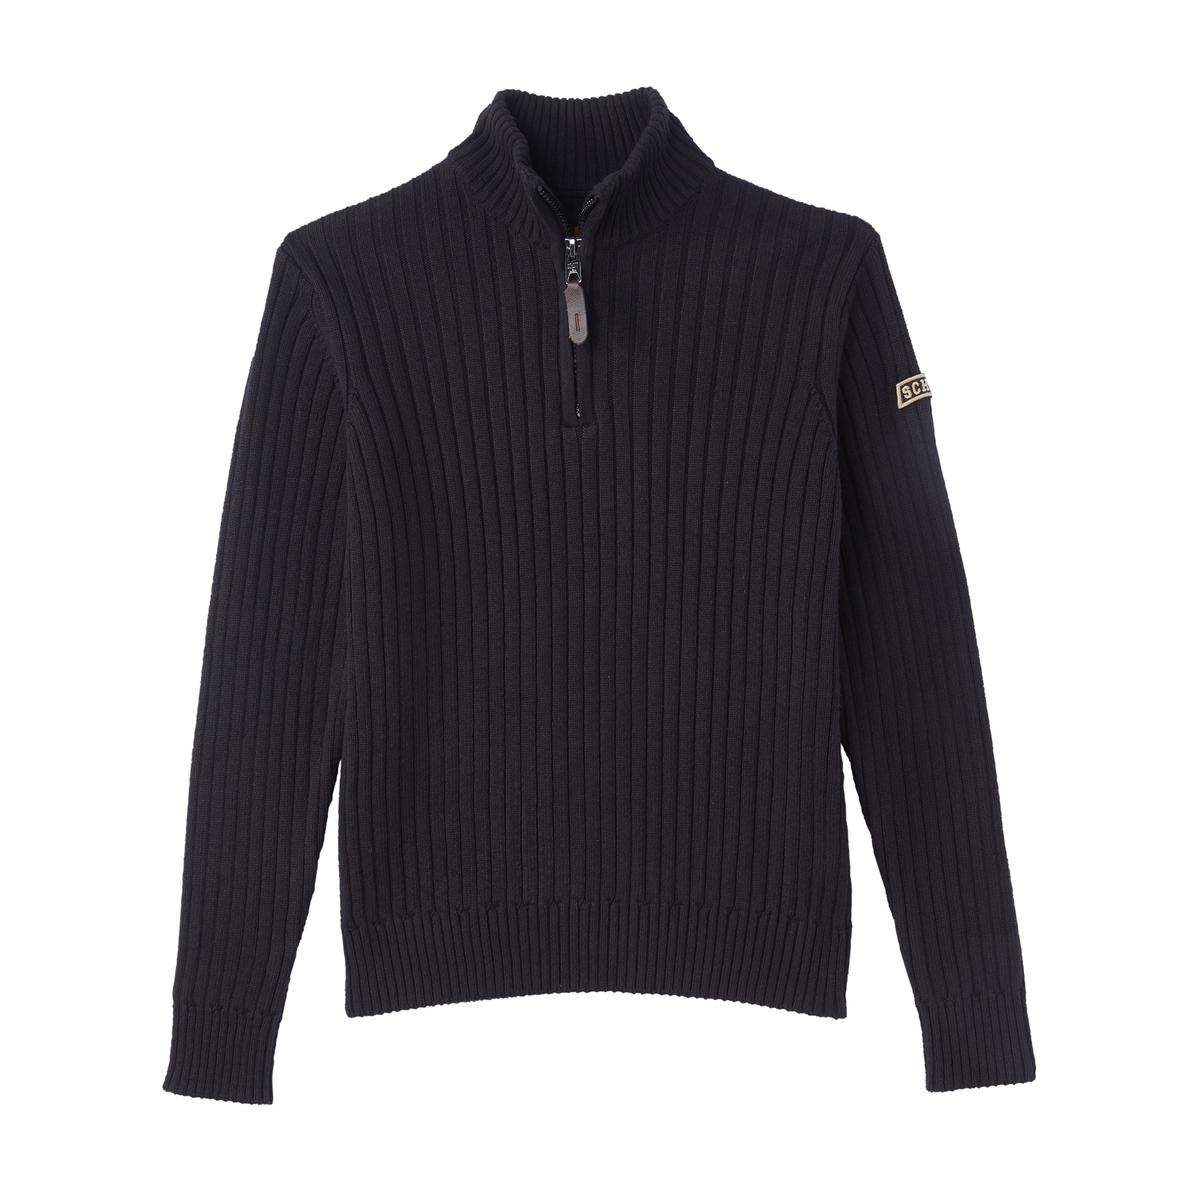 Пуловер La Redoute С воротником-стойкой из тонкого трикотажа 3XL черный